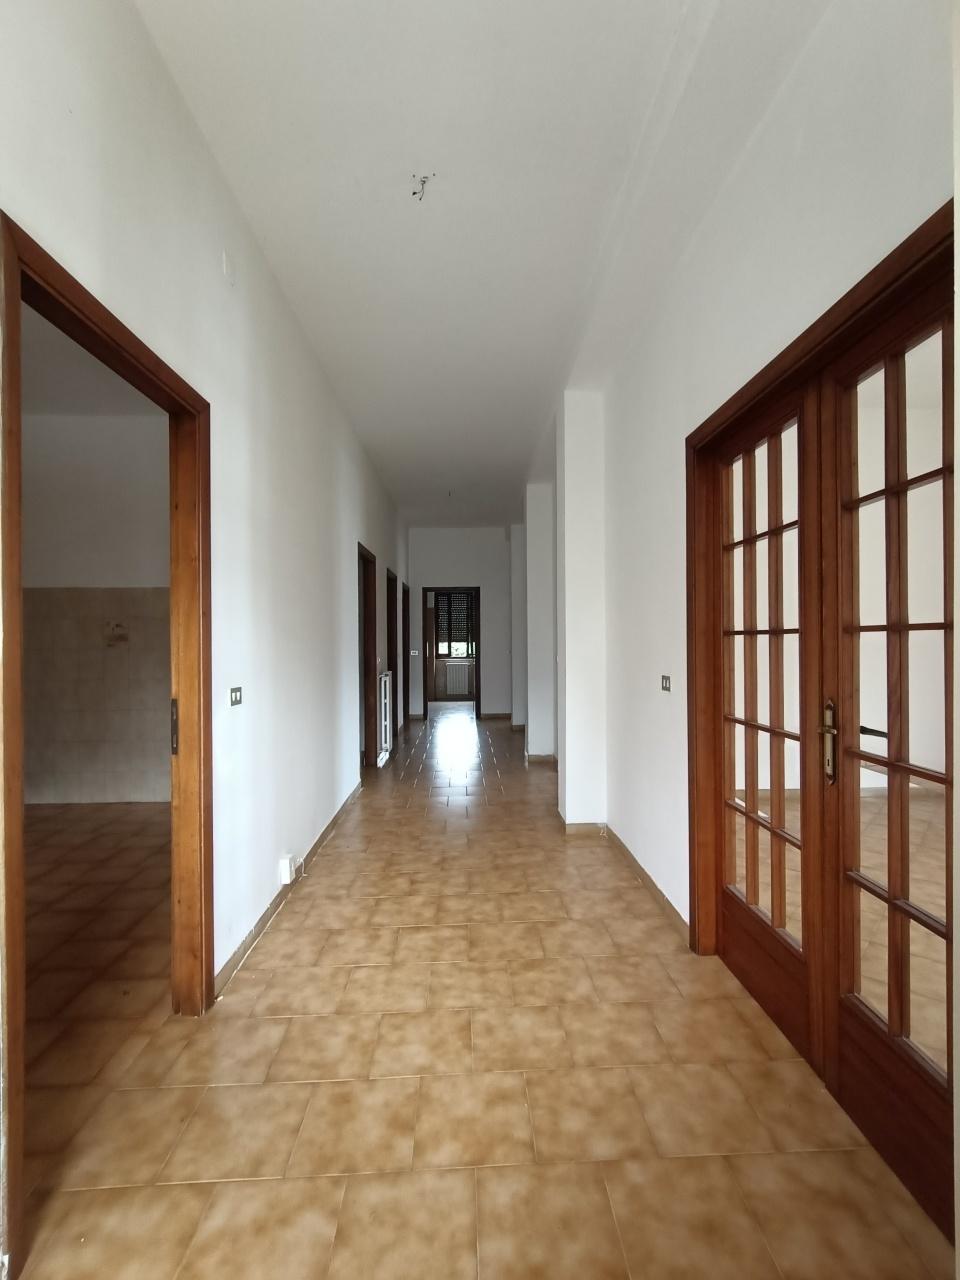 Soluzione Semindipendente in vendita a Podenzana, 7 locali, prezzo € 139.000 | PortaleAgenzieImmobiliari.it